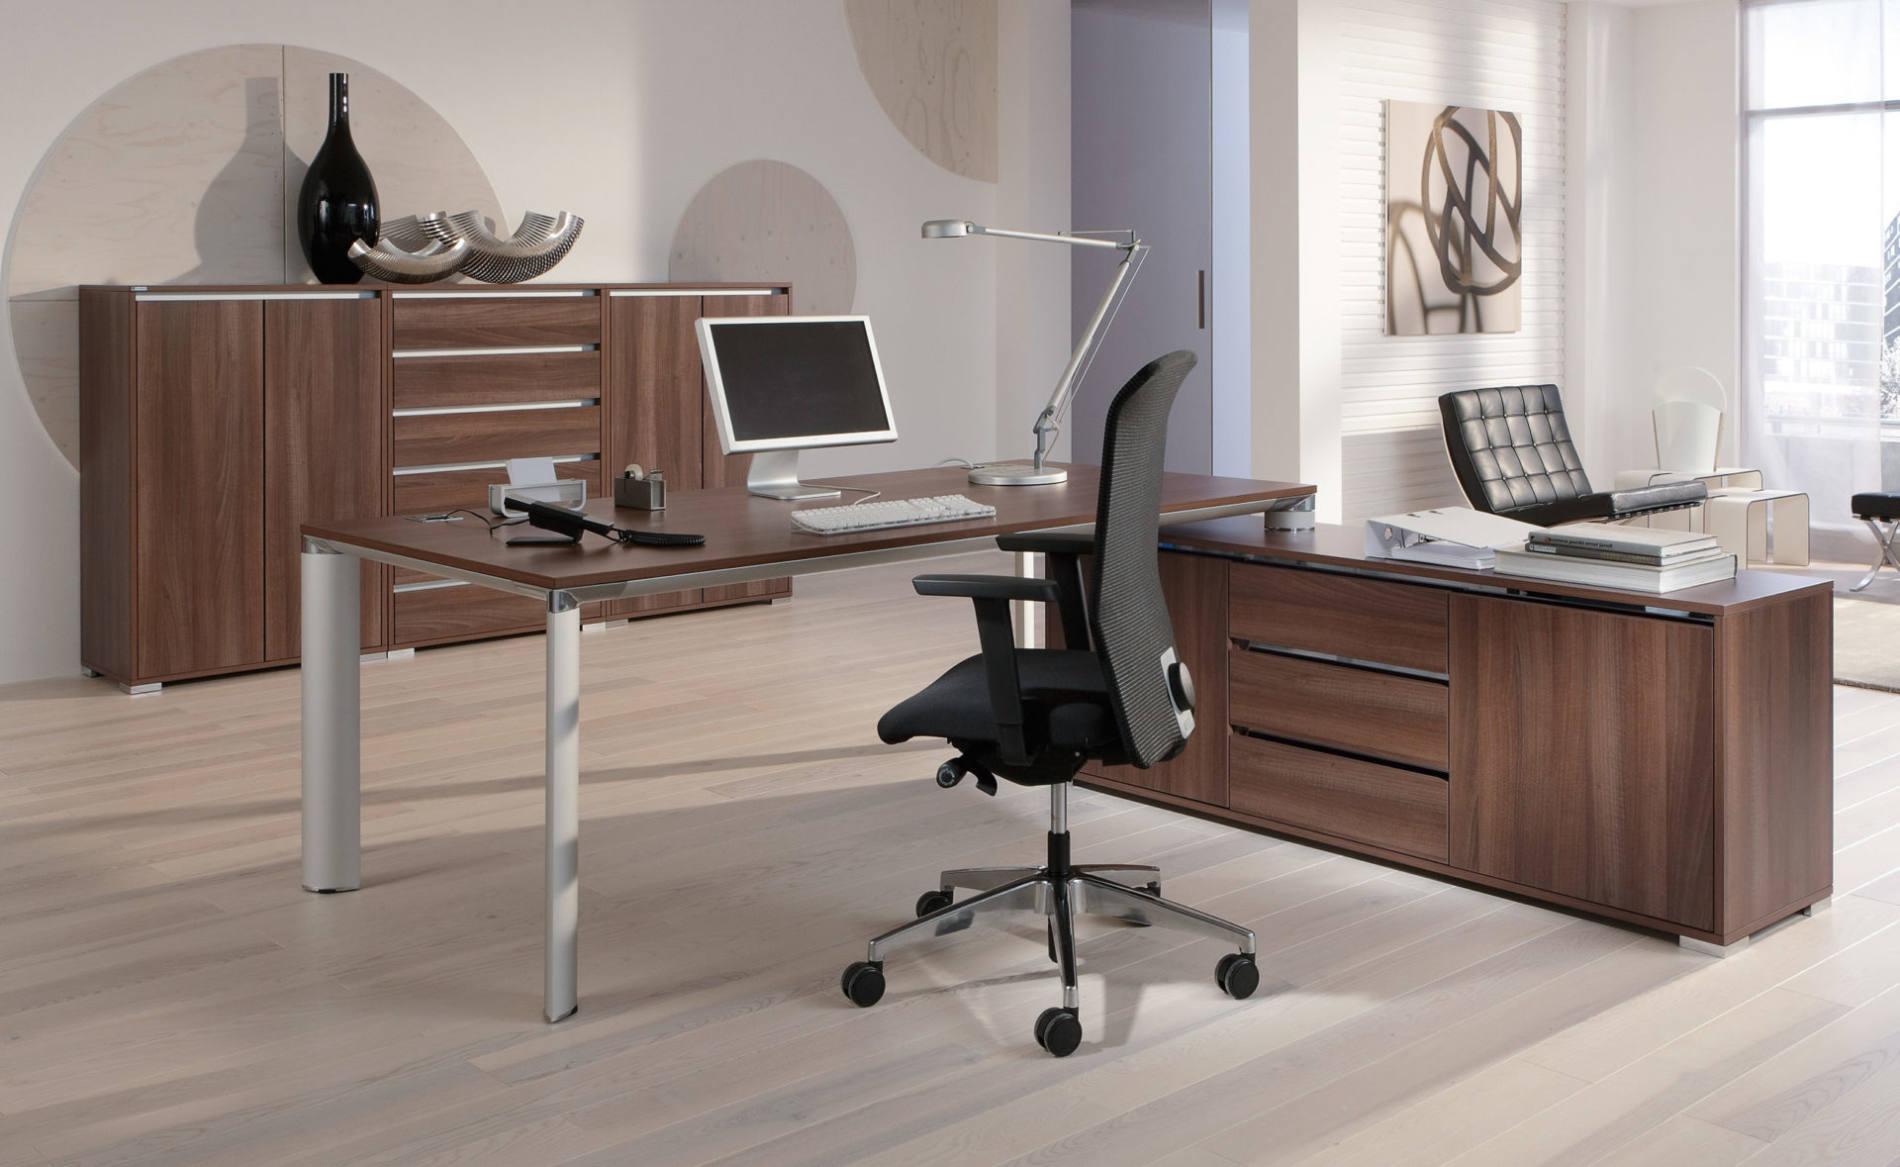 Schreibtisch, Managementbüro, Einzelarbeitsplatz, Chefbüro, Bürotisch, aufgedockt, Sideboard, Palma, Palmberg